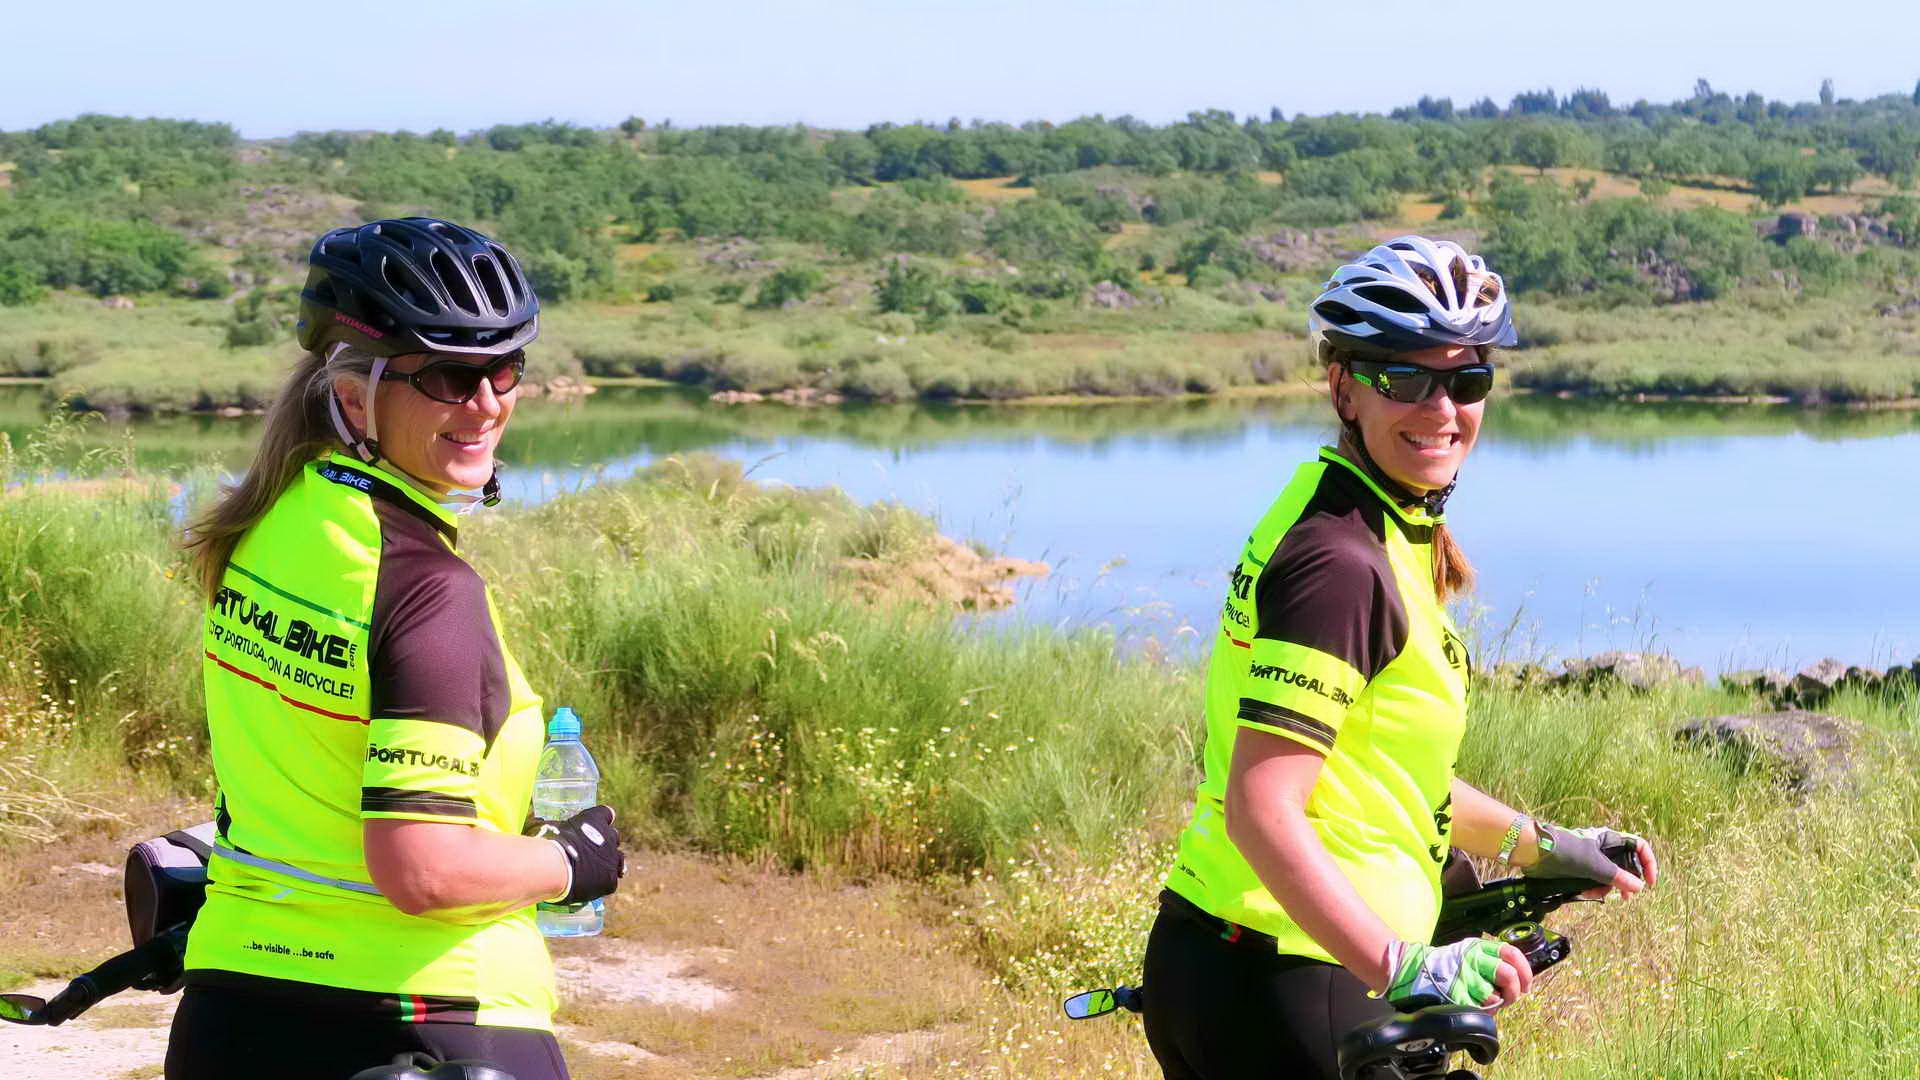 jewels of portugal bike tour